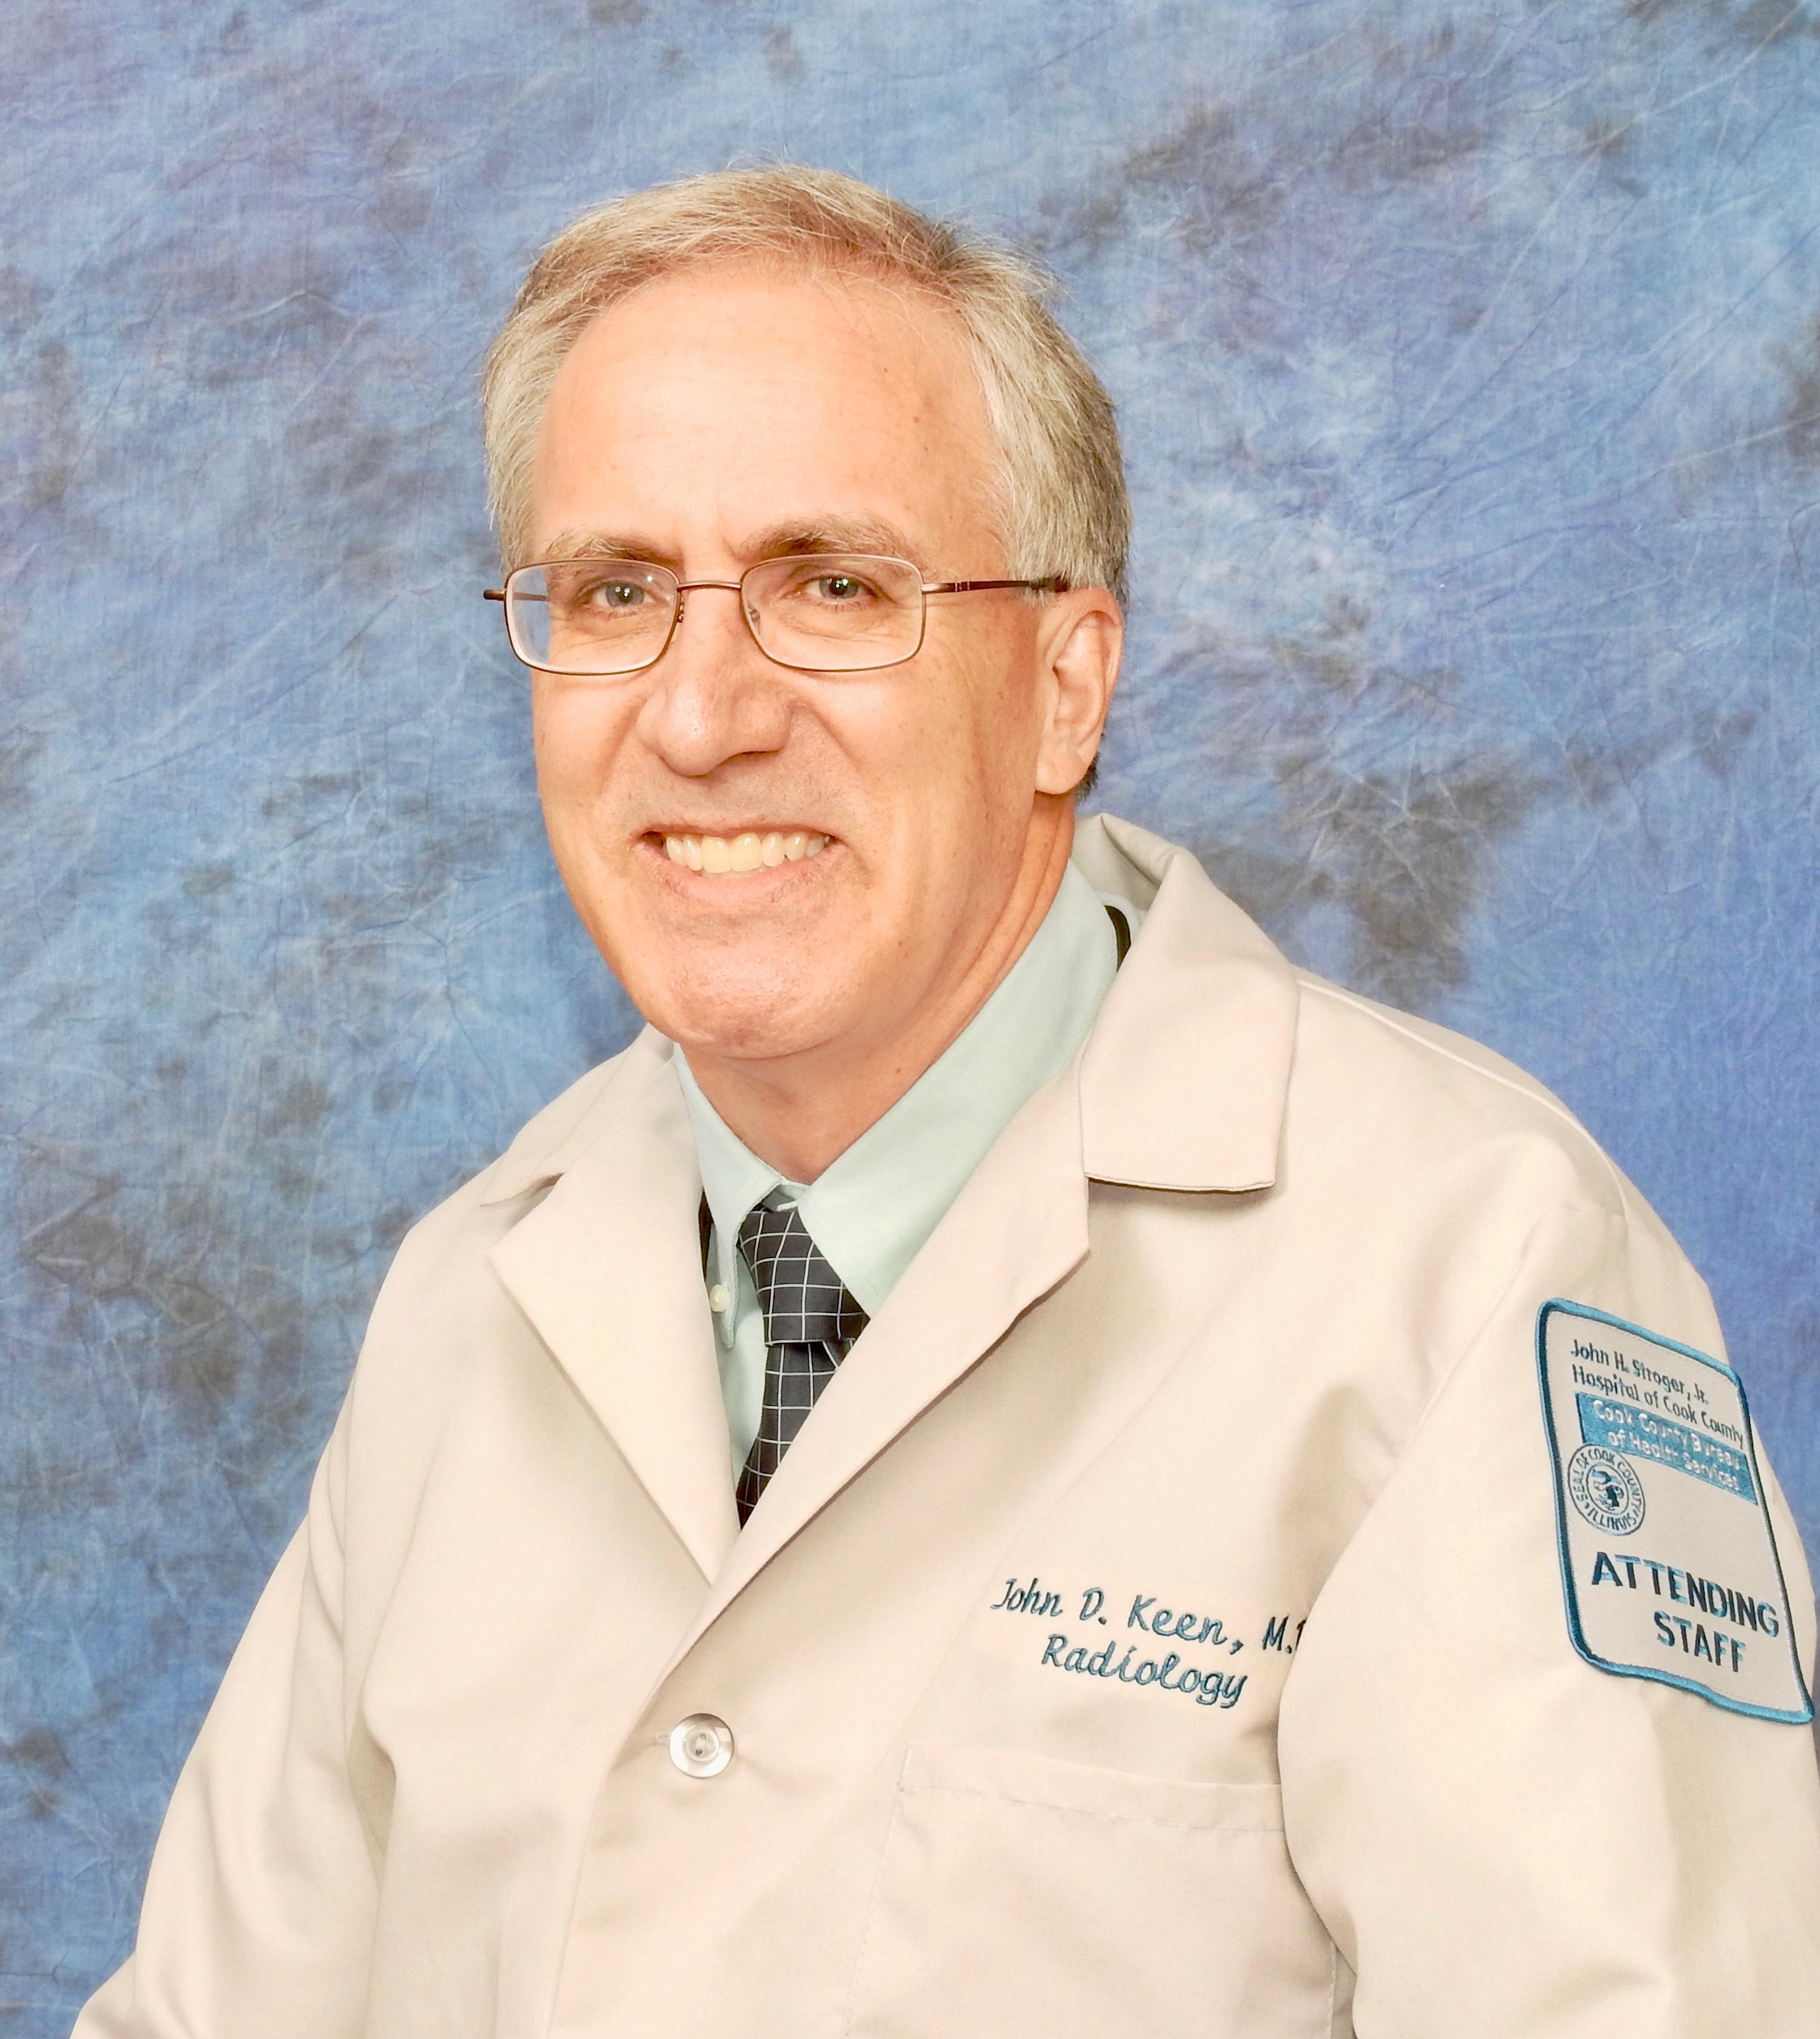 John D. Keen, MD